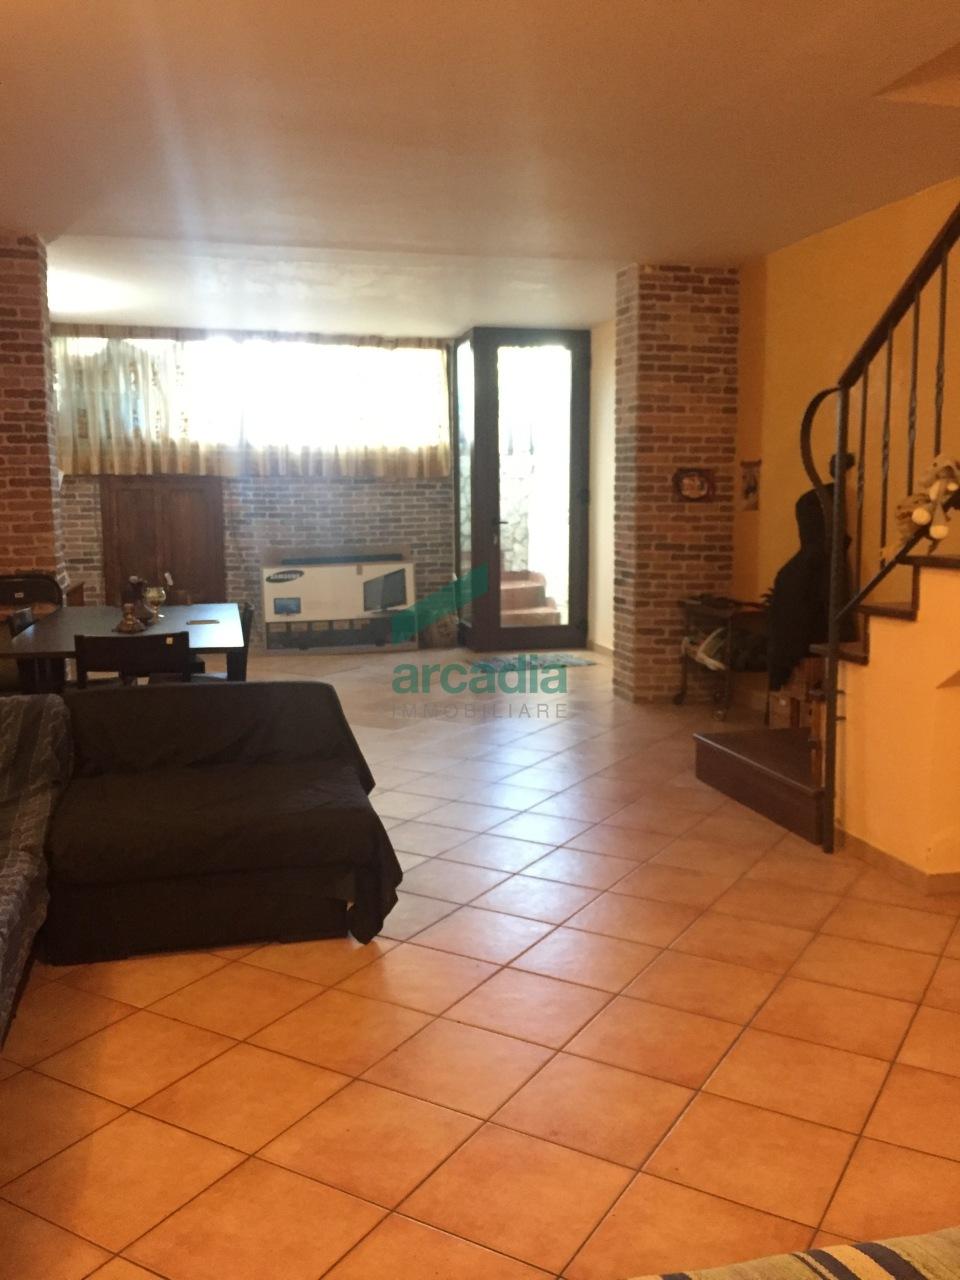 Villa a Schiera in vendita a Noicàttaro, 4 locali, prezzo € 165.000 | CambioCasa.it